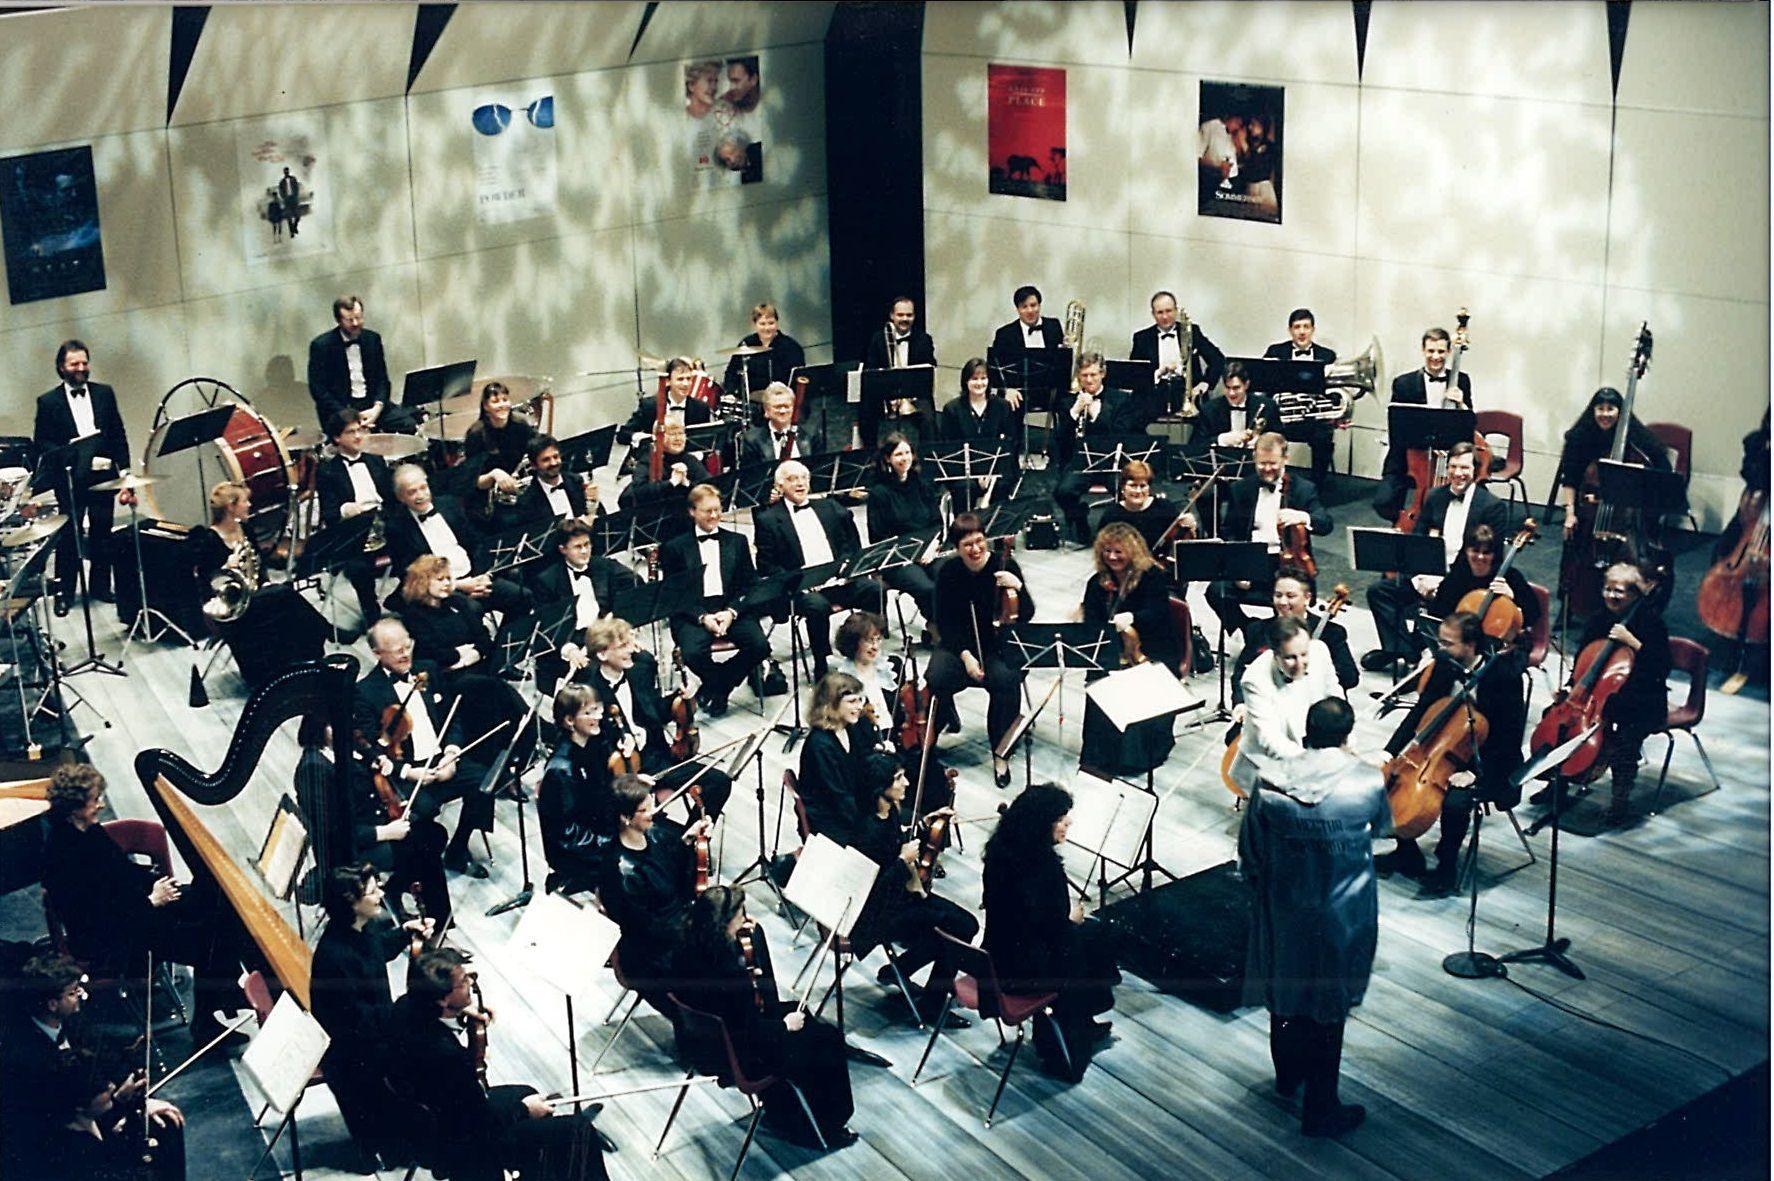 orchestra circa 1997